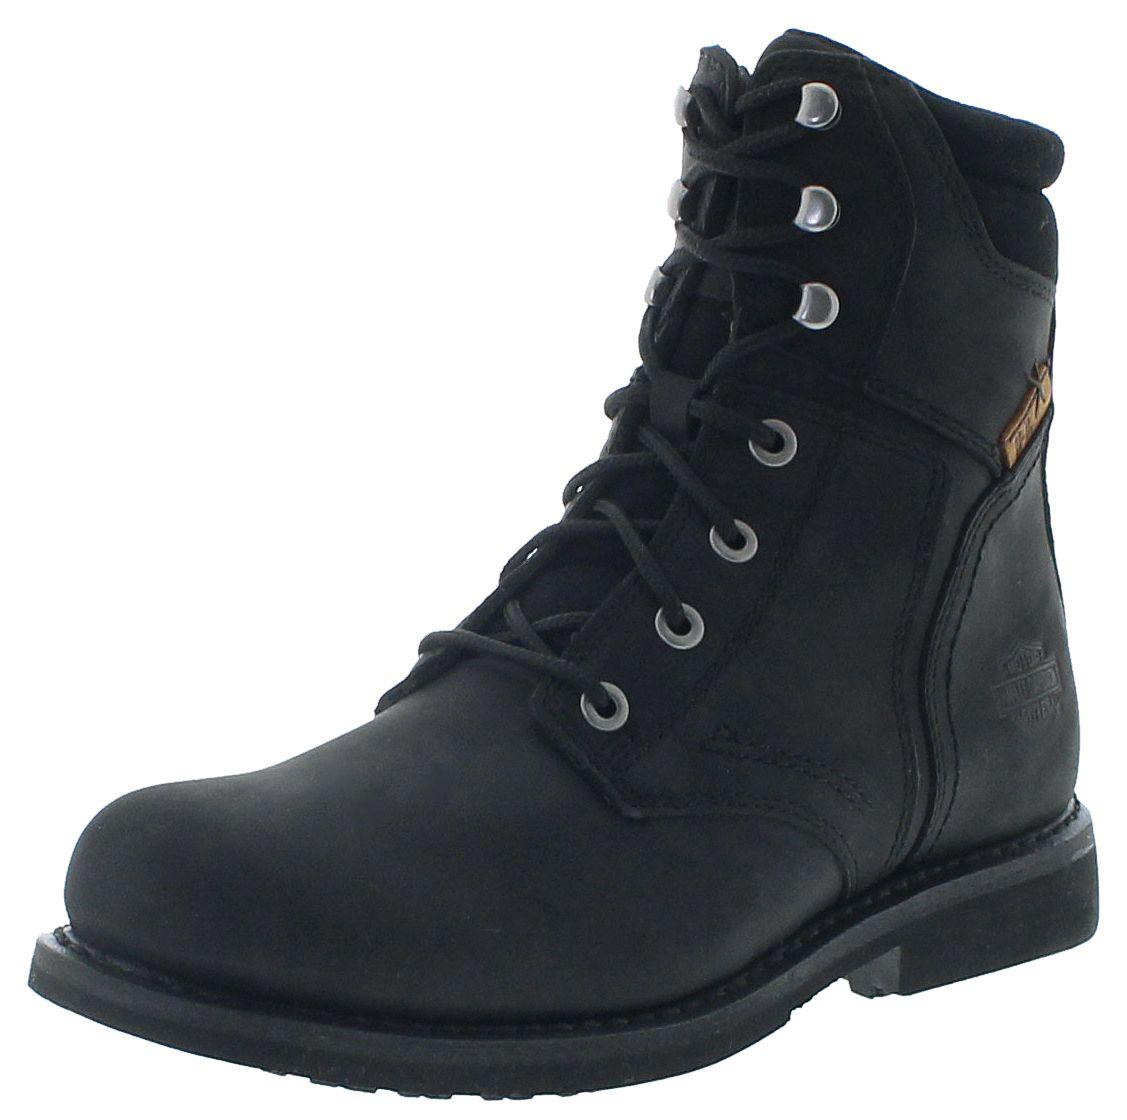 Harley-Davidson D97025 DARNEL CE Black men's lace-up boots - black